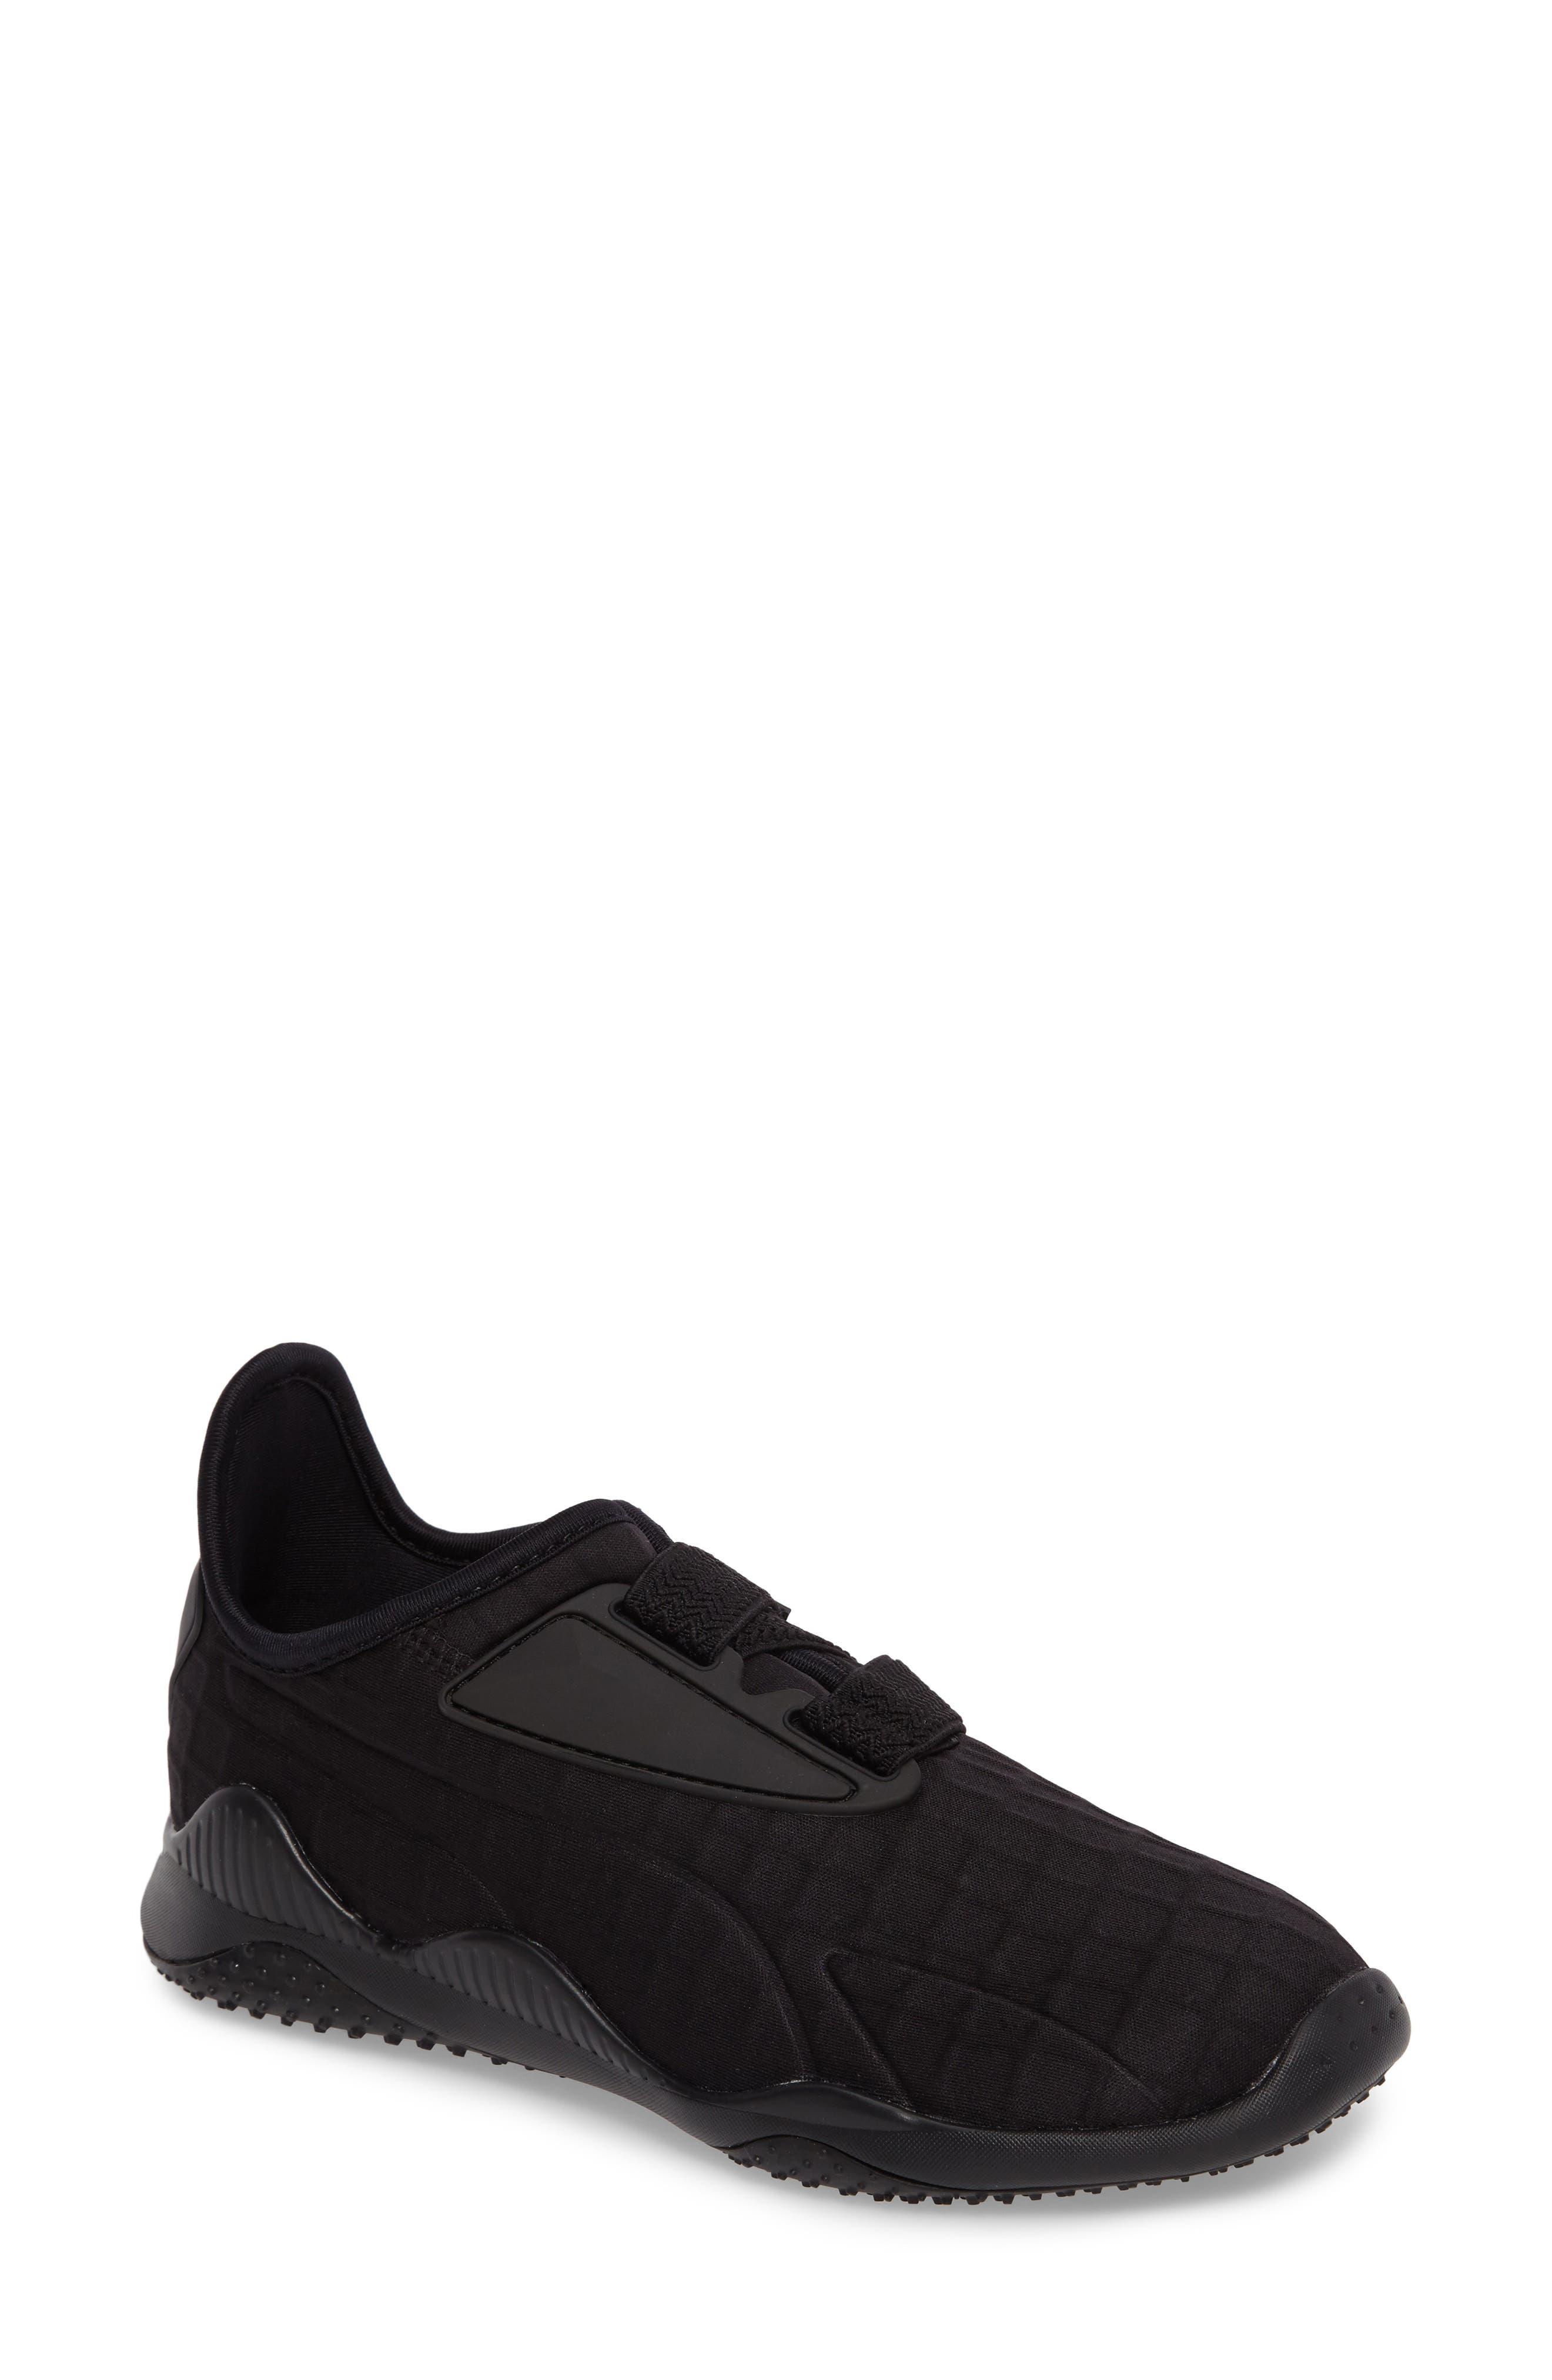 PUMA Mostro Fashion Sneaker (Women)